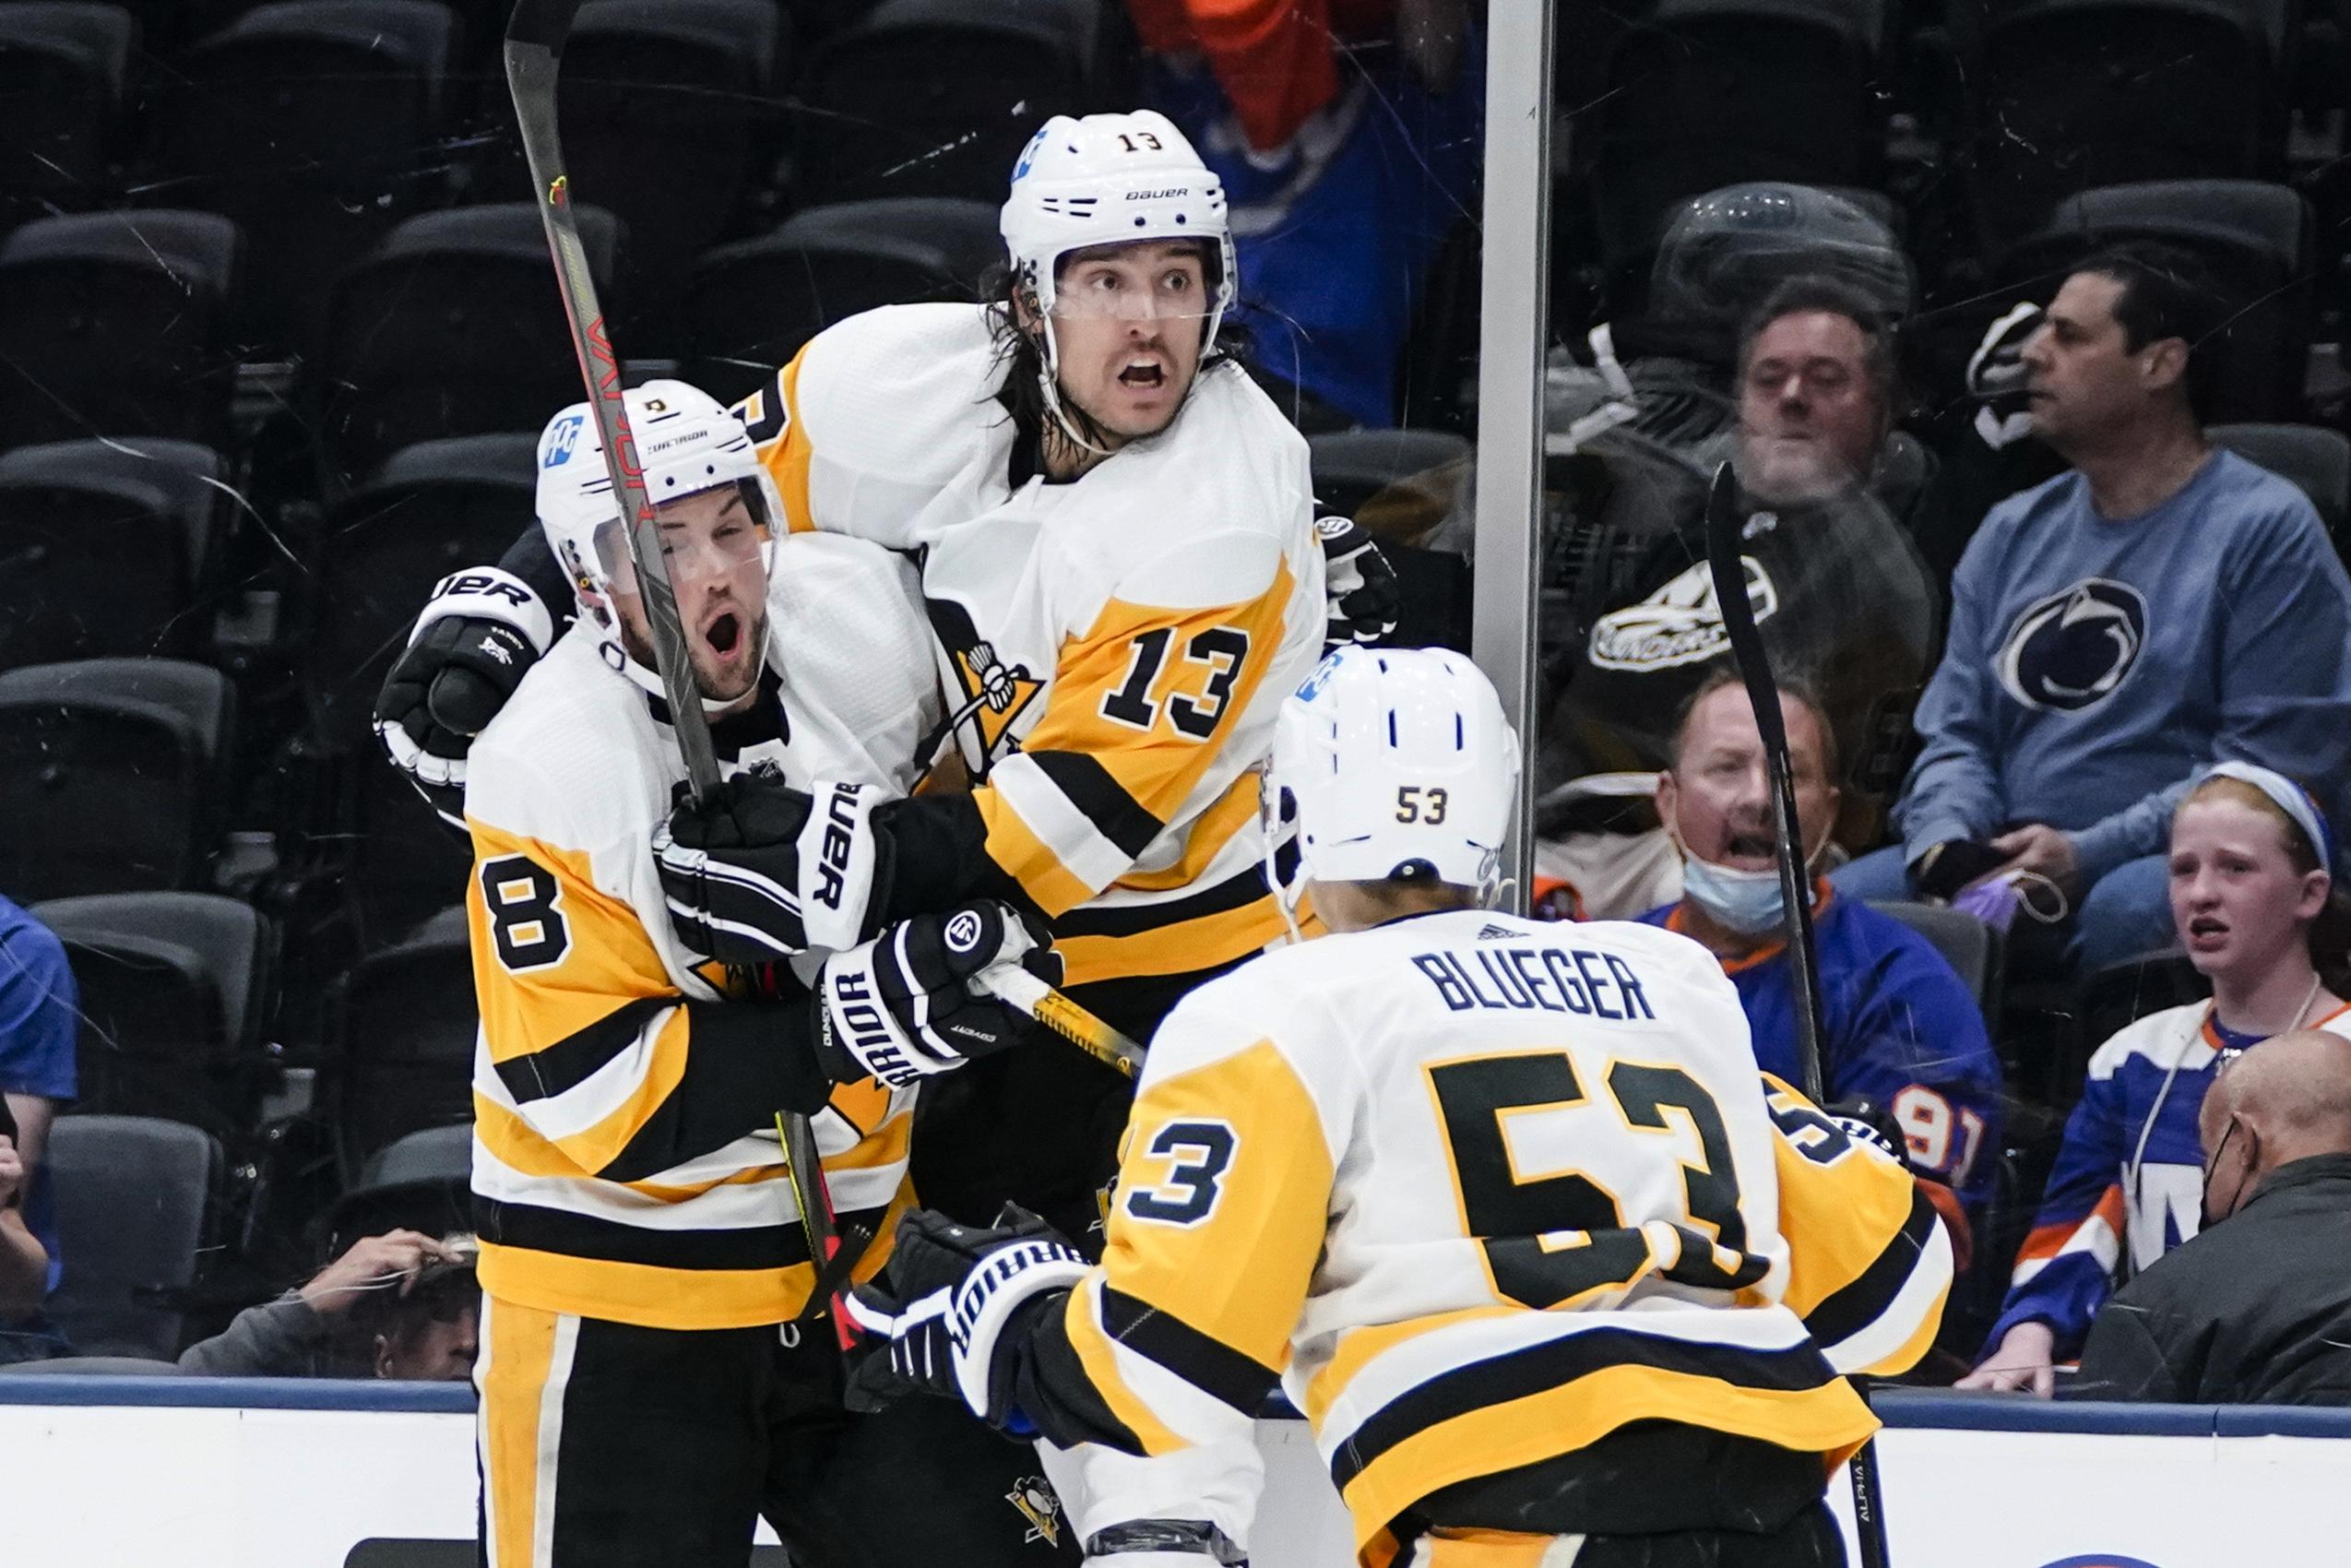 """Bļugera pārstāvētā """"Penguins"""" sērijā pret """"Islanders"""" izvirzās vadībā"""